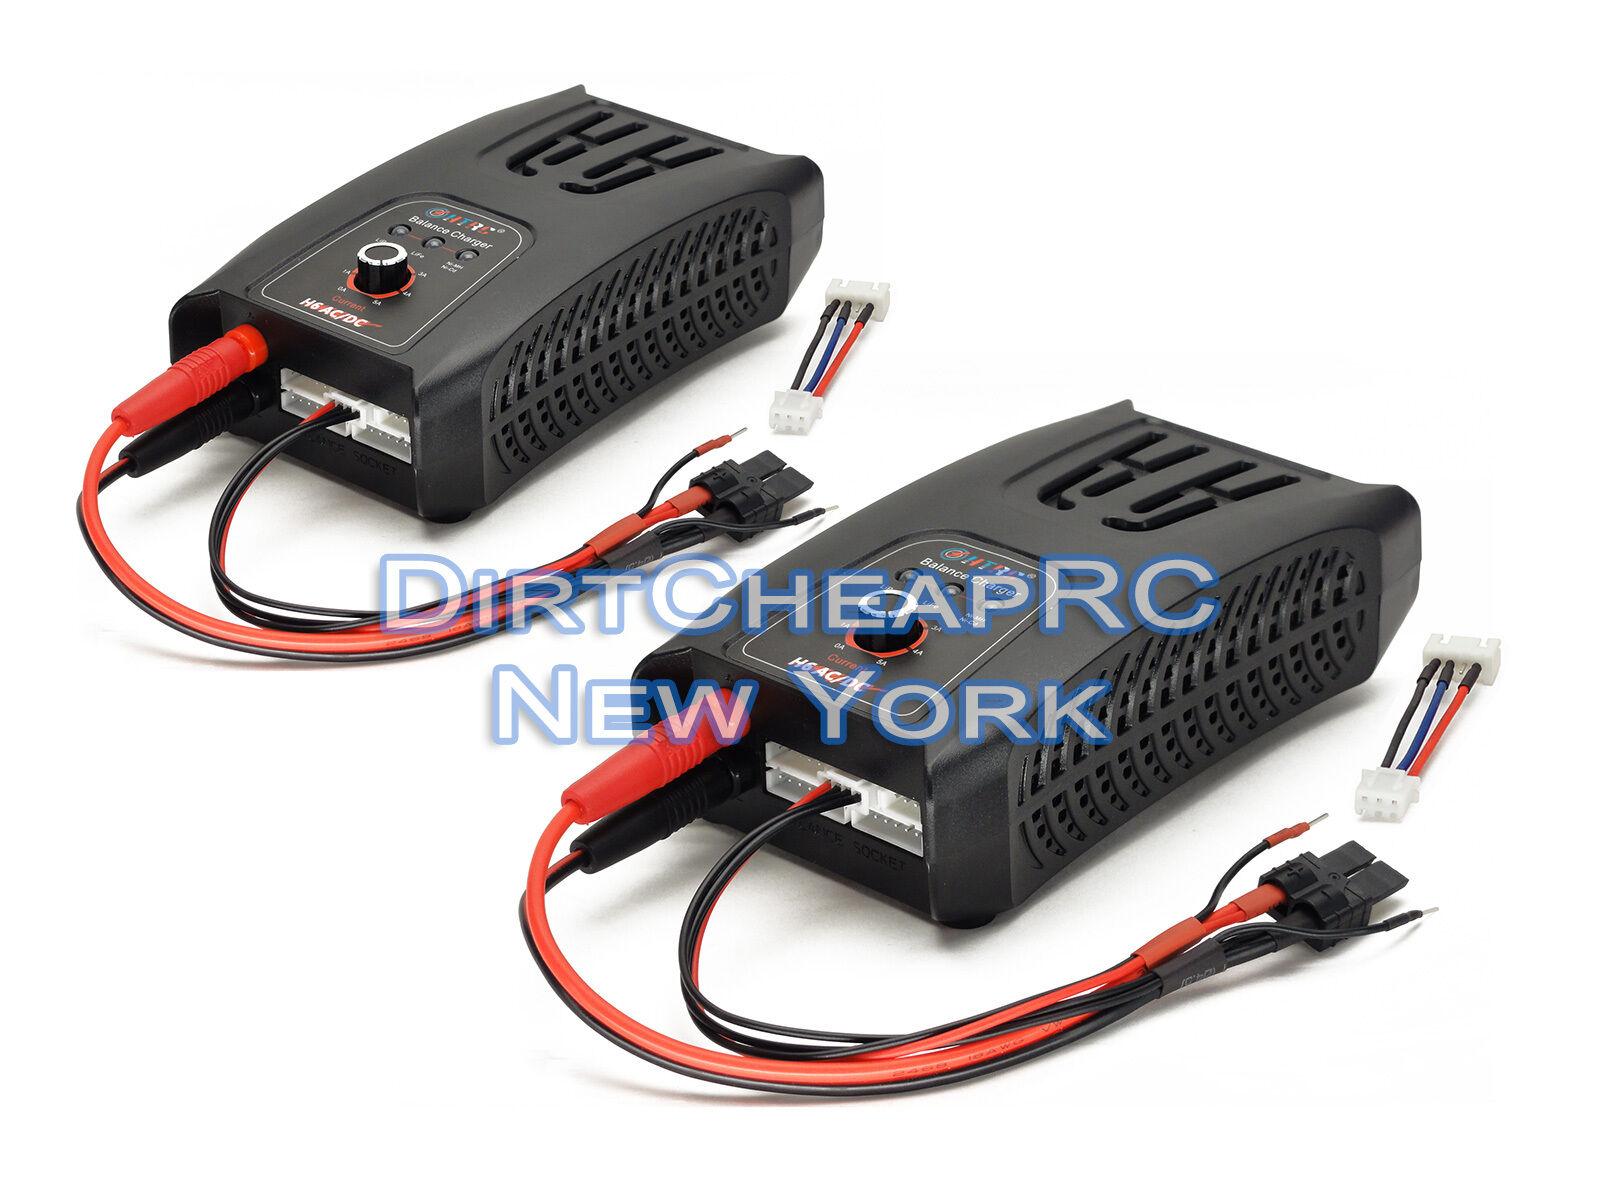 2x Dual H6 AC DC 5Amp 50 vatios TRAXXAS ID 2S 3S Lipo NiMH batería cargador de equilibrio